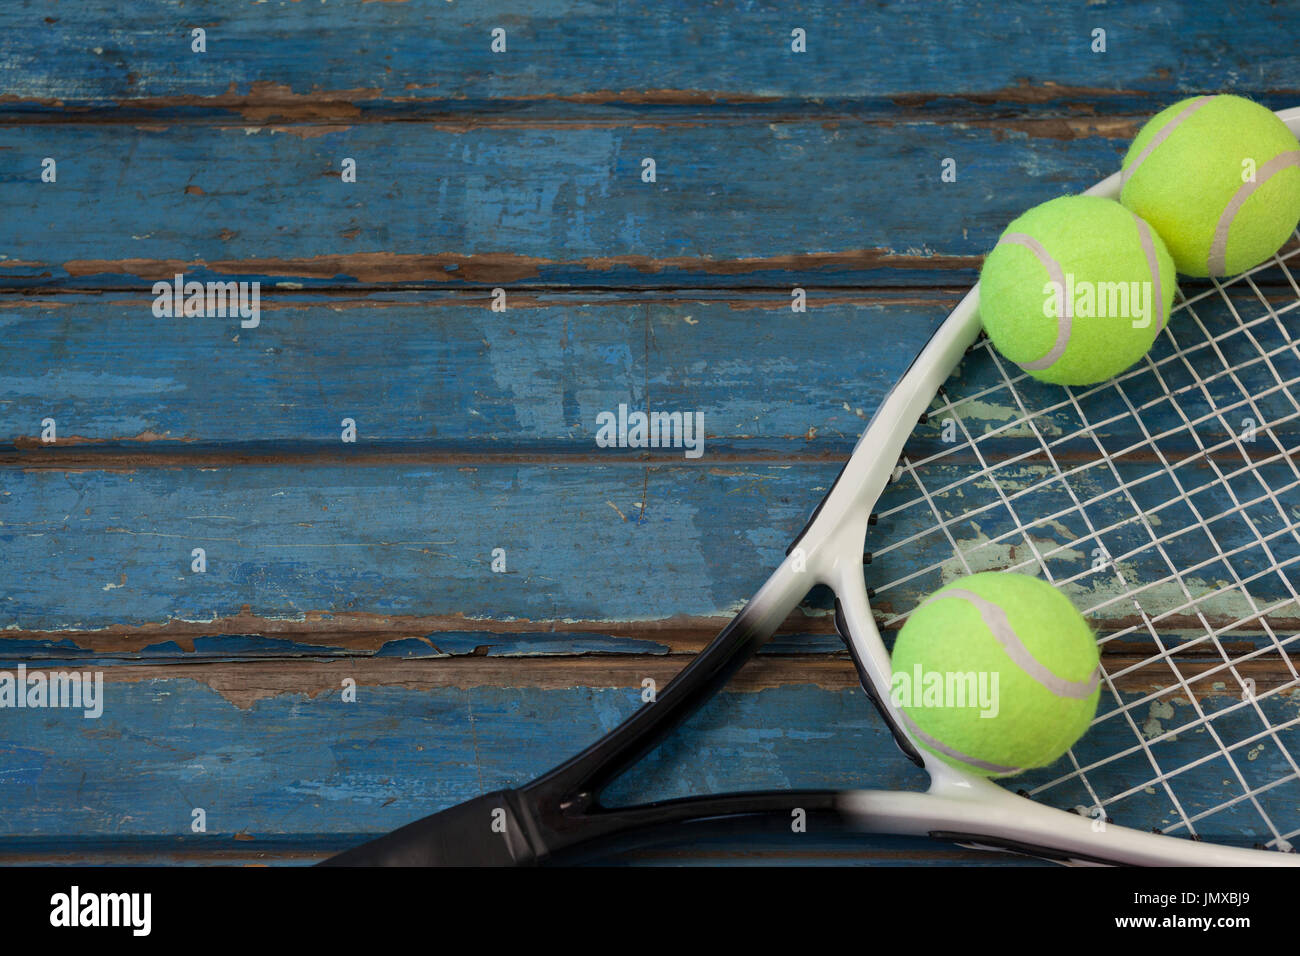 9e6a3097df Un alto ángulo de visualización de raqueta de tenis y las bolas sobre la  mesa de madera